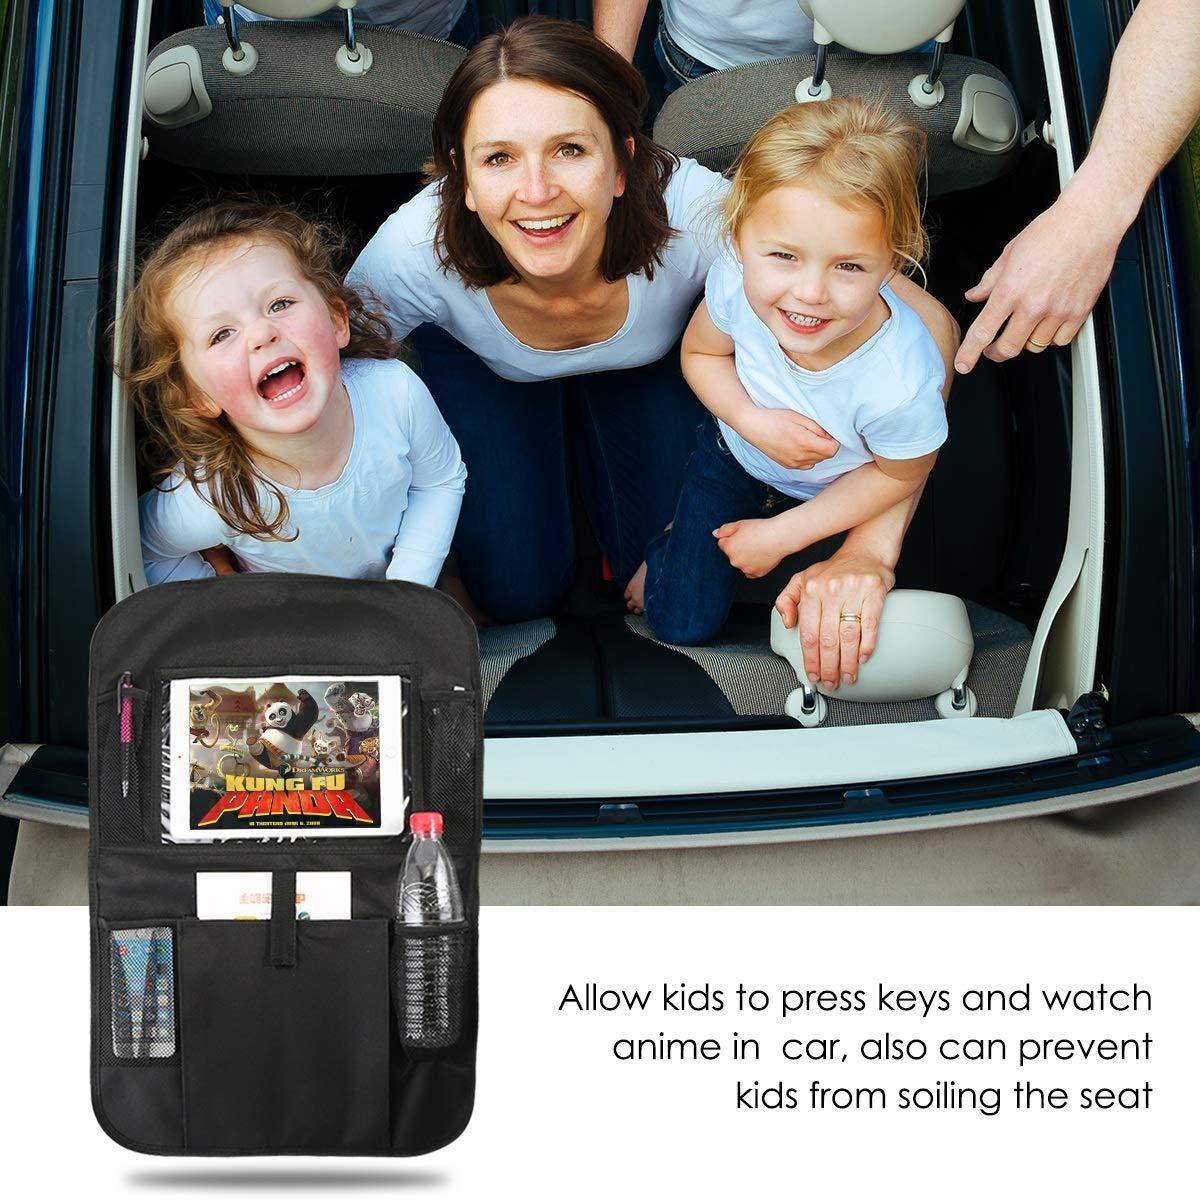 2Pack Kick Mats Car Backseat Organizer B/éb/é Enfant Enfants Jouet Auto Arri/ère de Protecteur De Si/ège avec 1 Bo/îte De Tissu Clair Support iPad 3 Sacs De Rangement Imperm/éable /À Leau